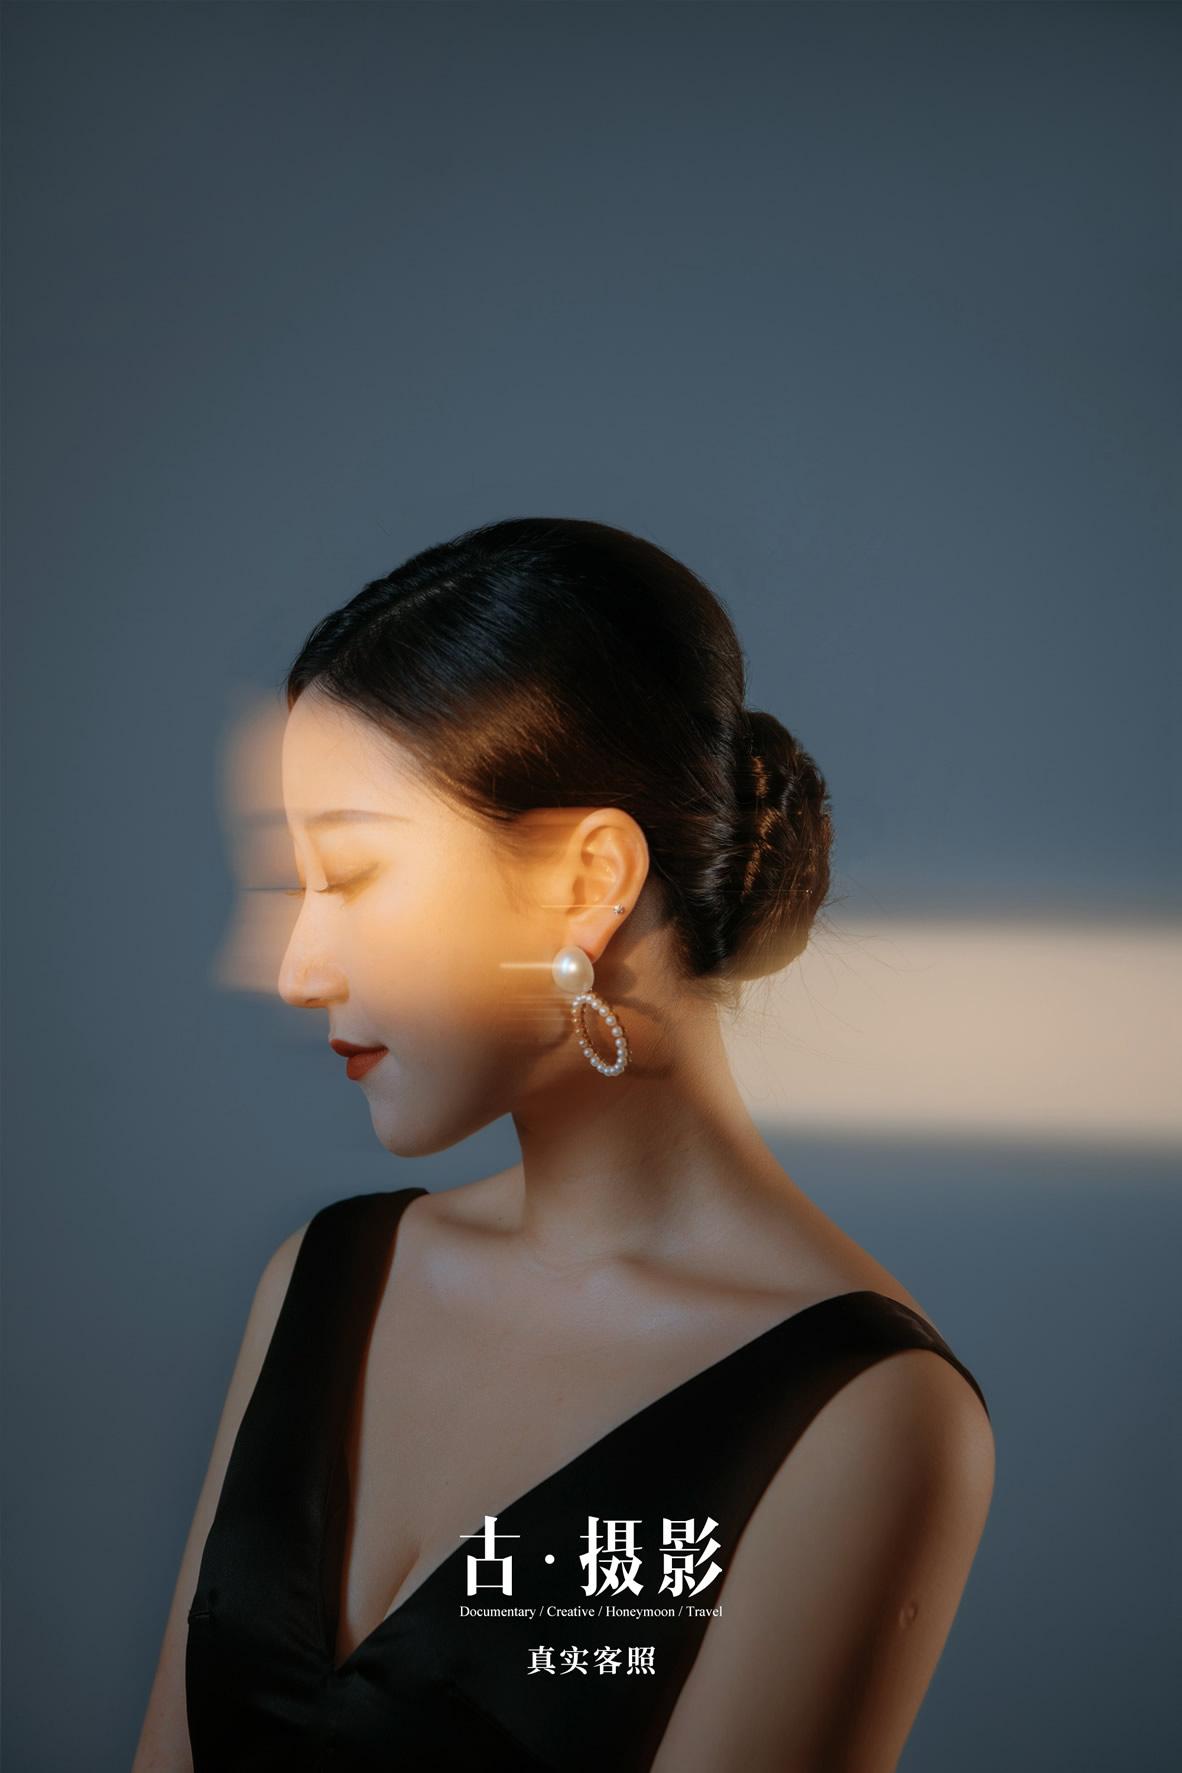 康先生 贾小姐 - 每日客照 - 古摄影婚纱艺术-古摄影成都婚纱摄影艺术摄影网